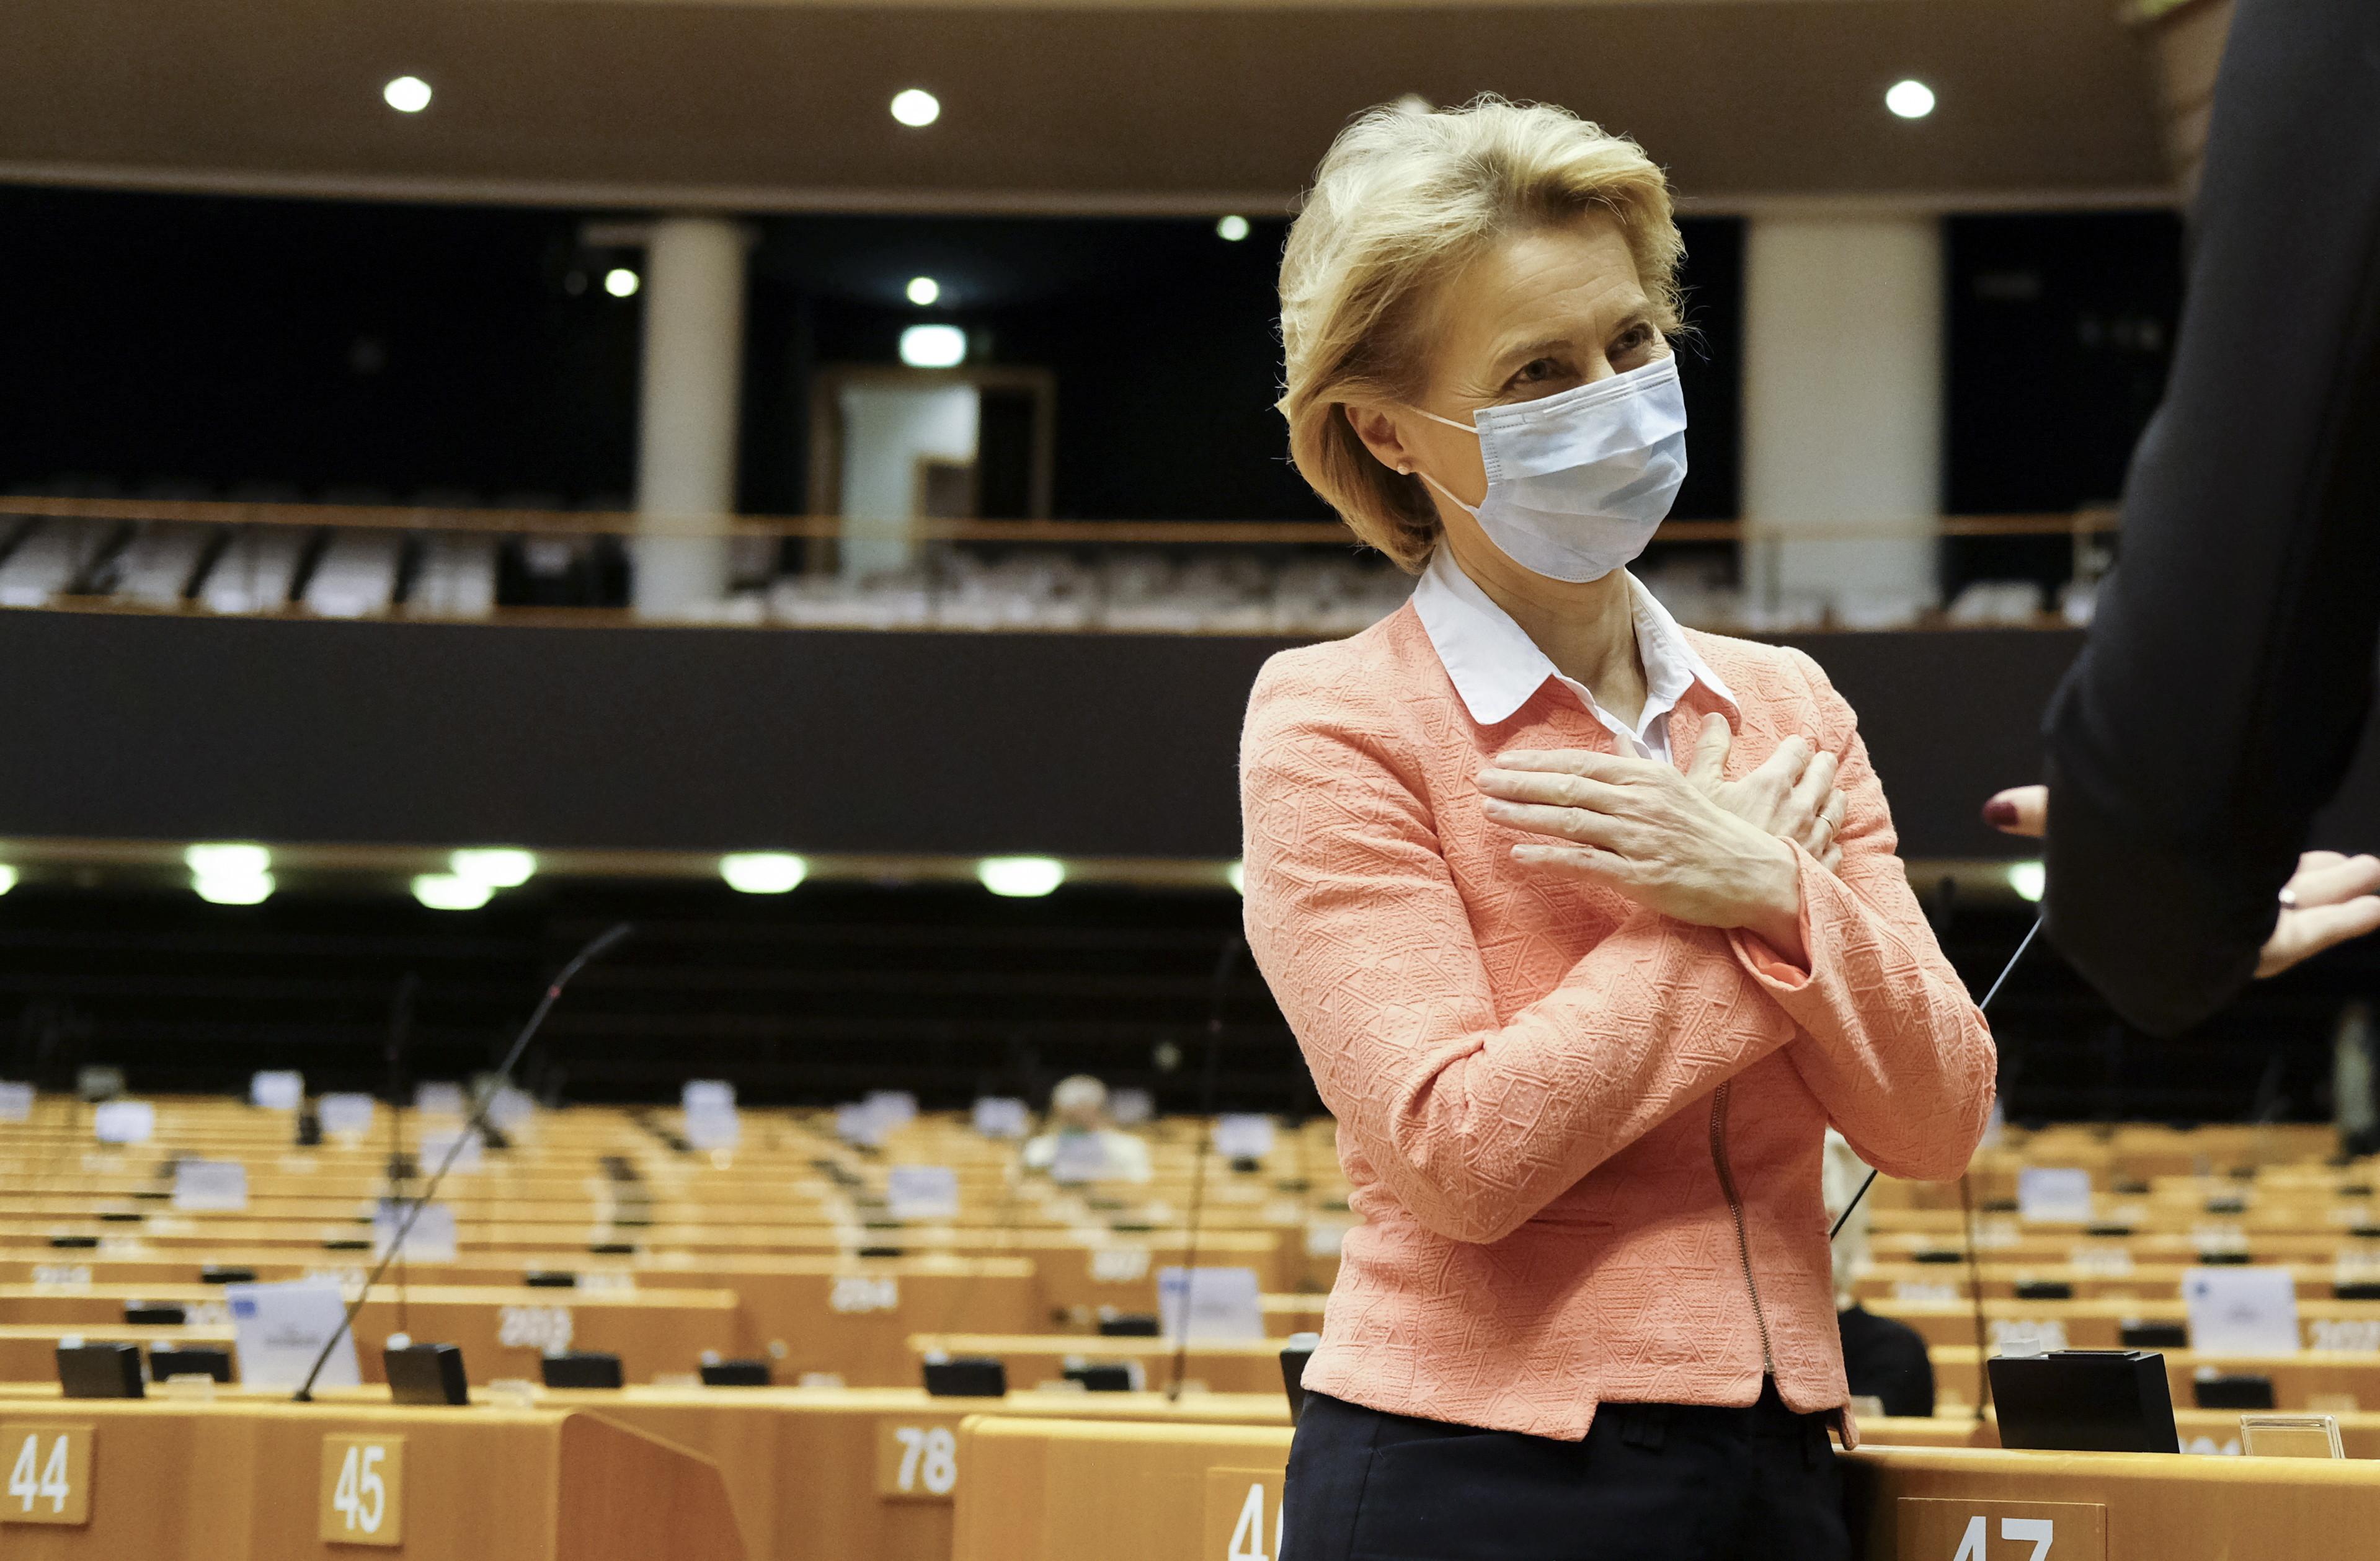 Președintele Comisiei Europene îi transmite felicitări Maiei Sandu, în limba română